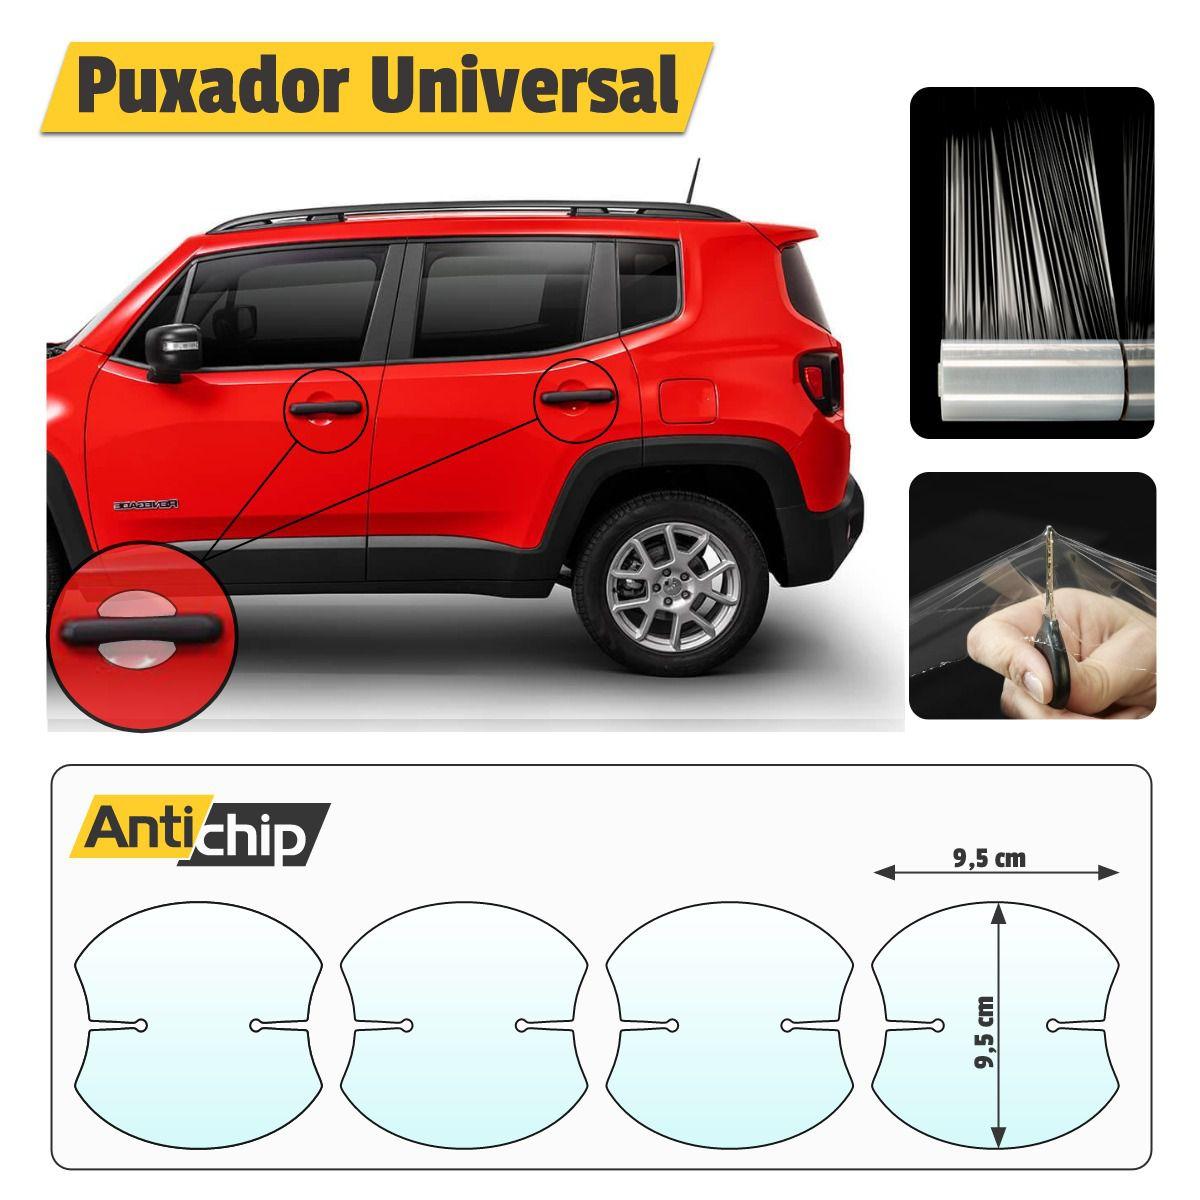 Película Uretano Protetora Maçaneta / Puxador Carro Universal AC0003 - Antichip  - Autoair